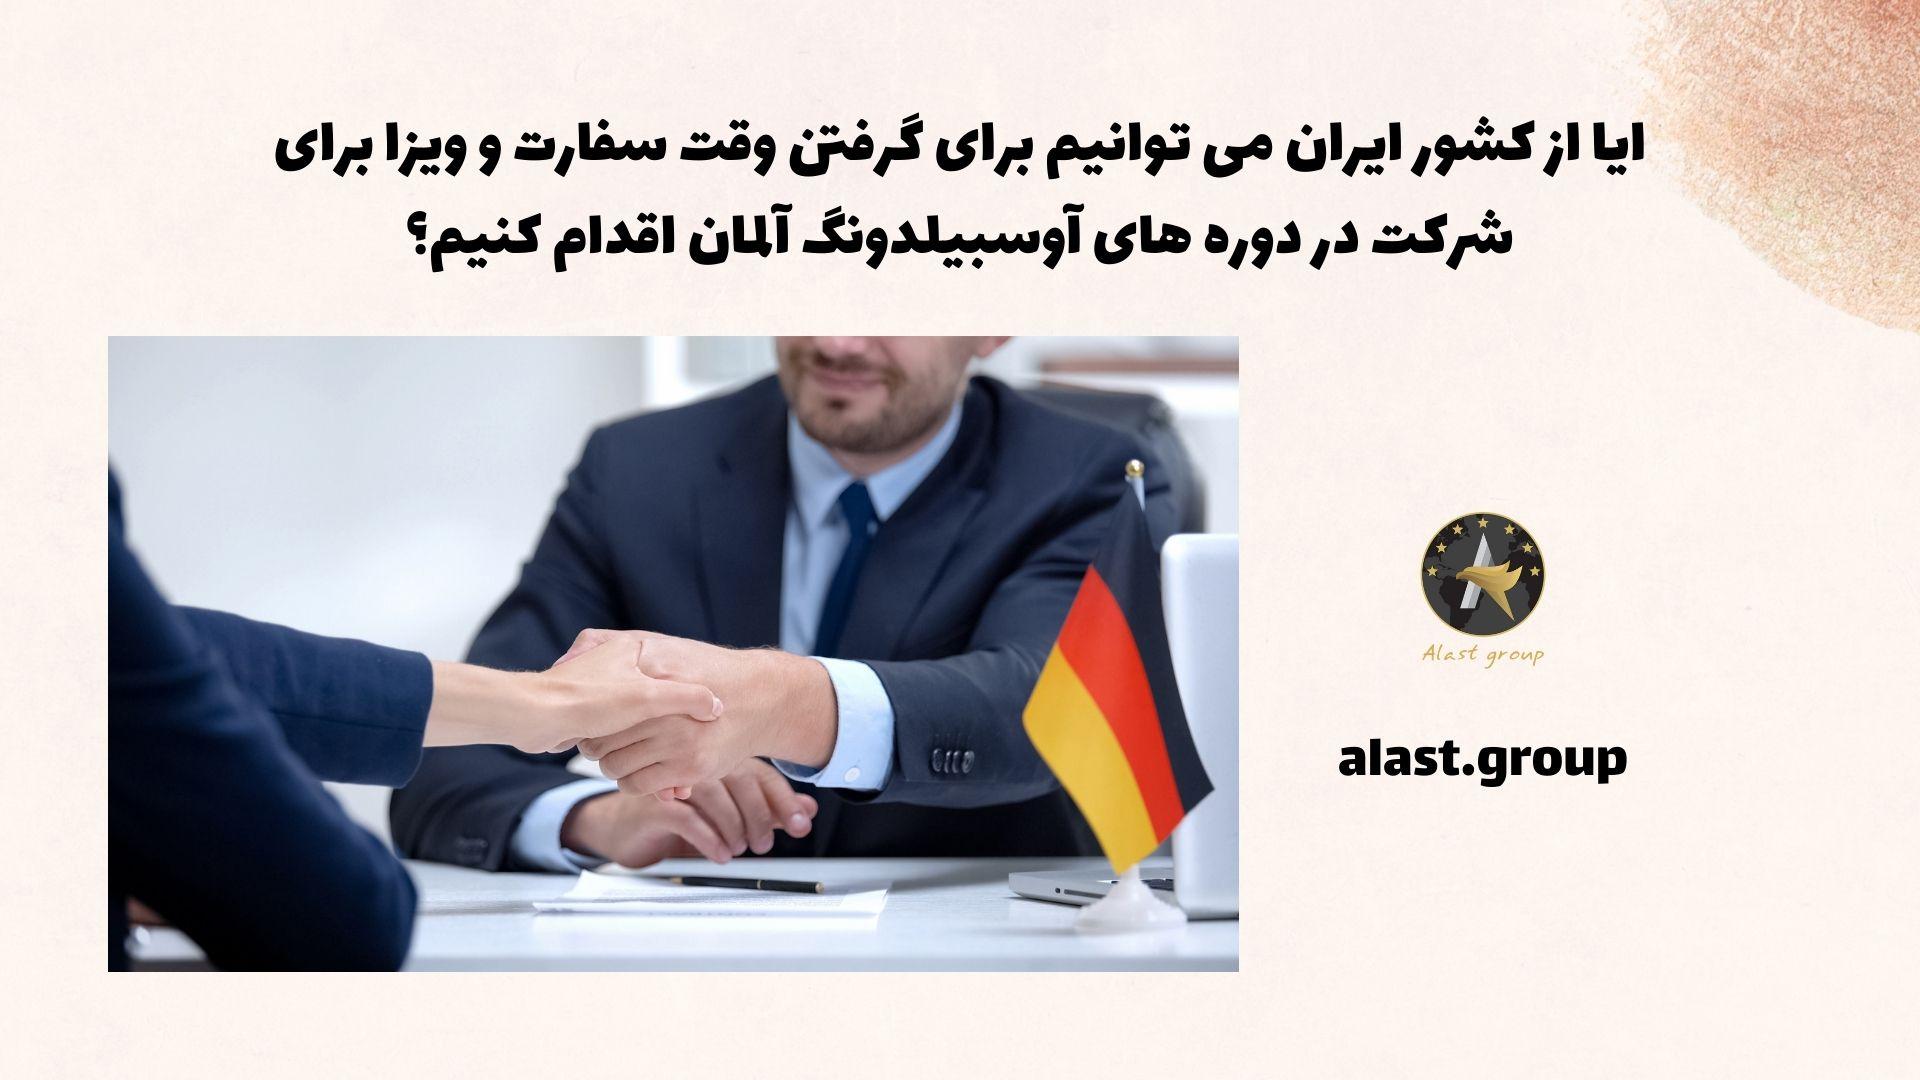 آیا از کشور ایران می توانیم برای گرفتن وقت سفارت و ویزا برای شرکت در دوره های آوسبیلدونگ آلمان اقدام کنیم؟